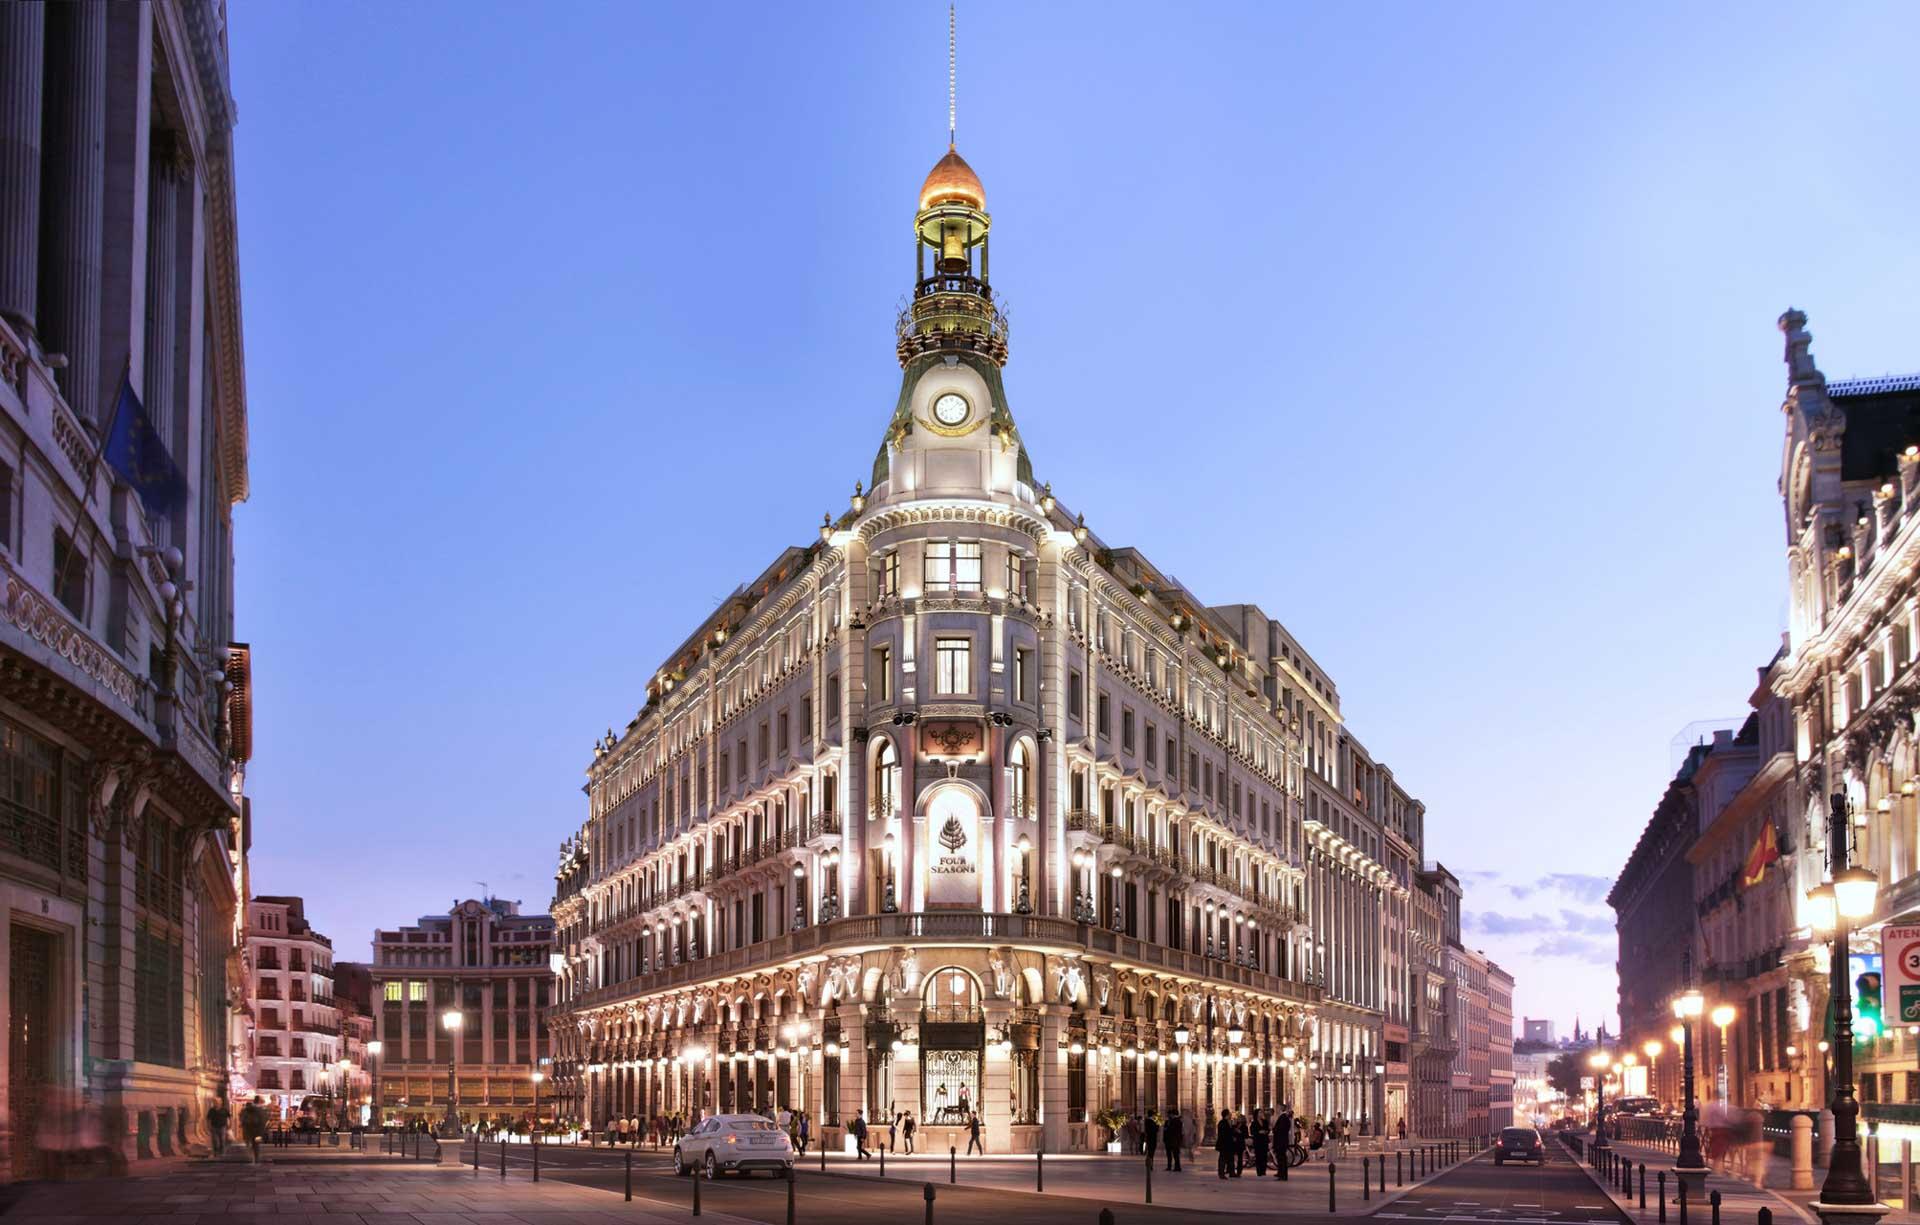 Les superlatifs ne manquent pas pour décrire l'ouverture tant attendue du Four Seasons Hotel Madrid. Sept bâtiments historiques réunis, 200 clés, le plus grand spa de la ville et un chef étoilé en cuisine, la longue attente — huit ans de travaux pharaoniques — est finalement récompensée.